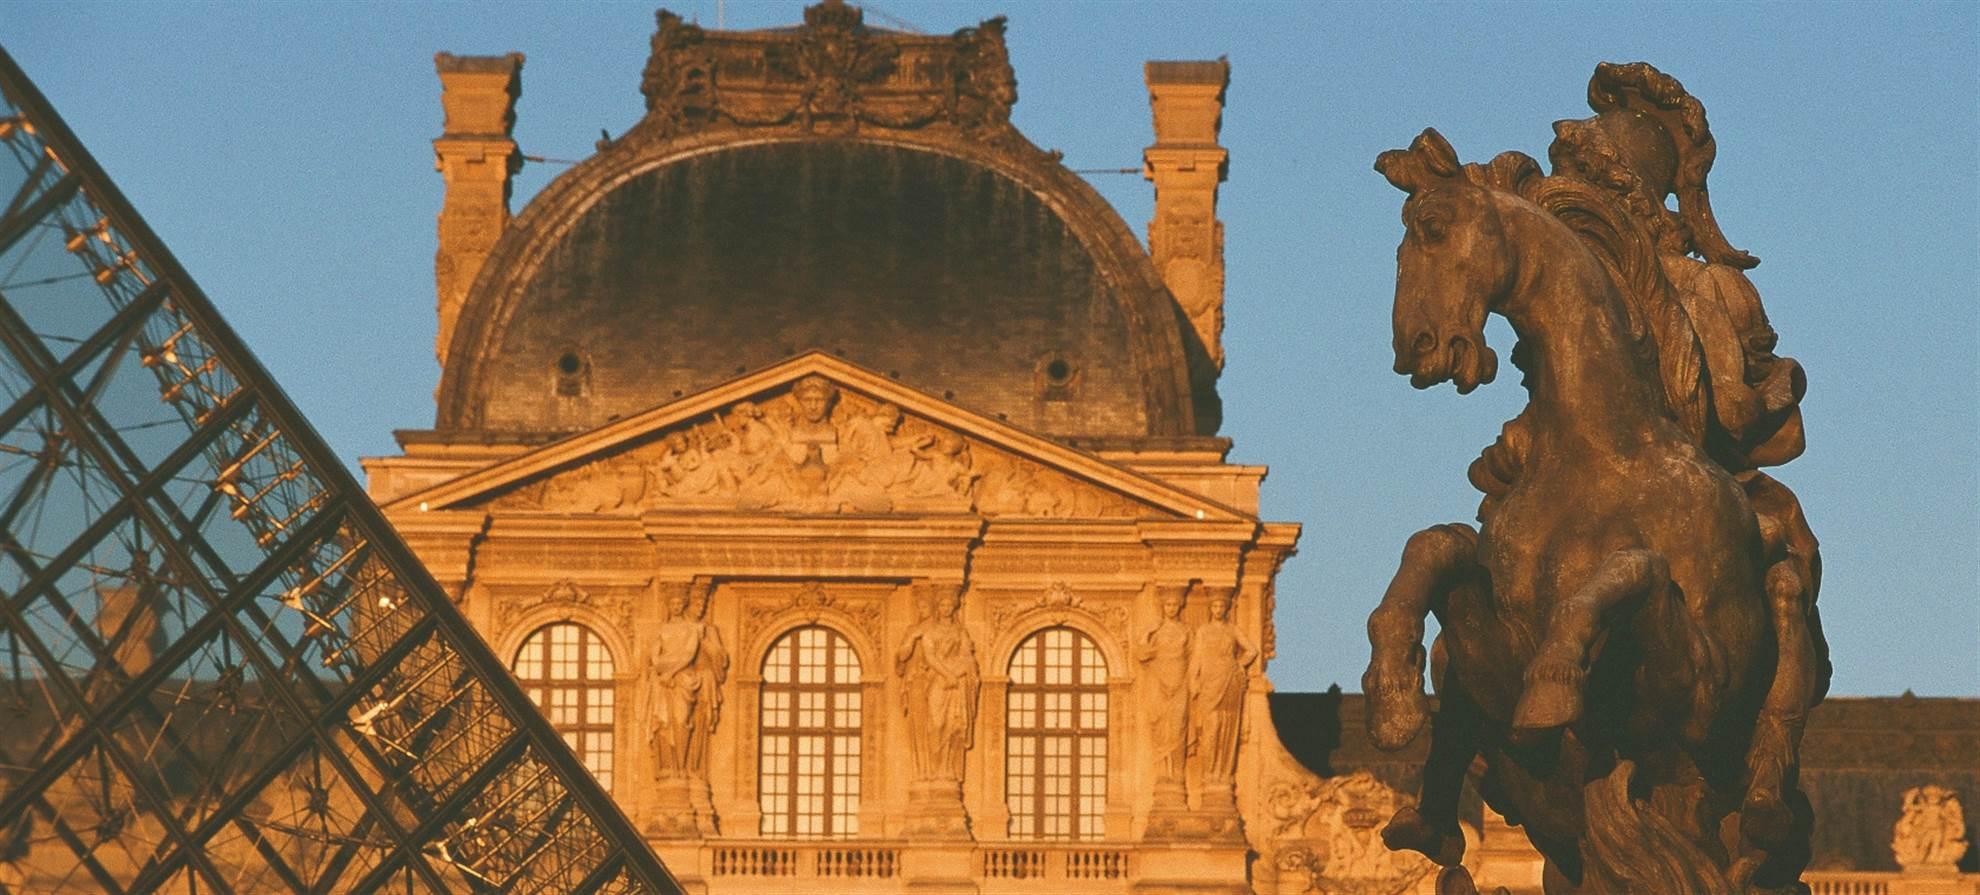 Pariisi museopassi (sisältää mm. Louvren museon)